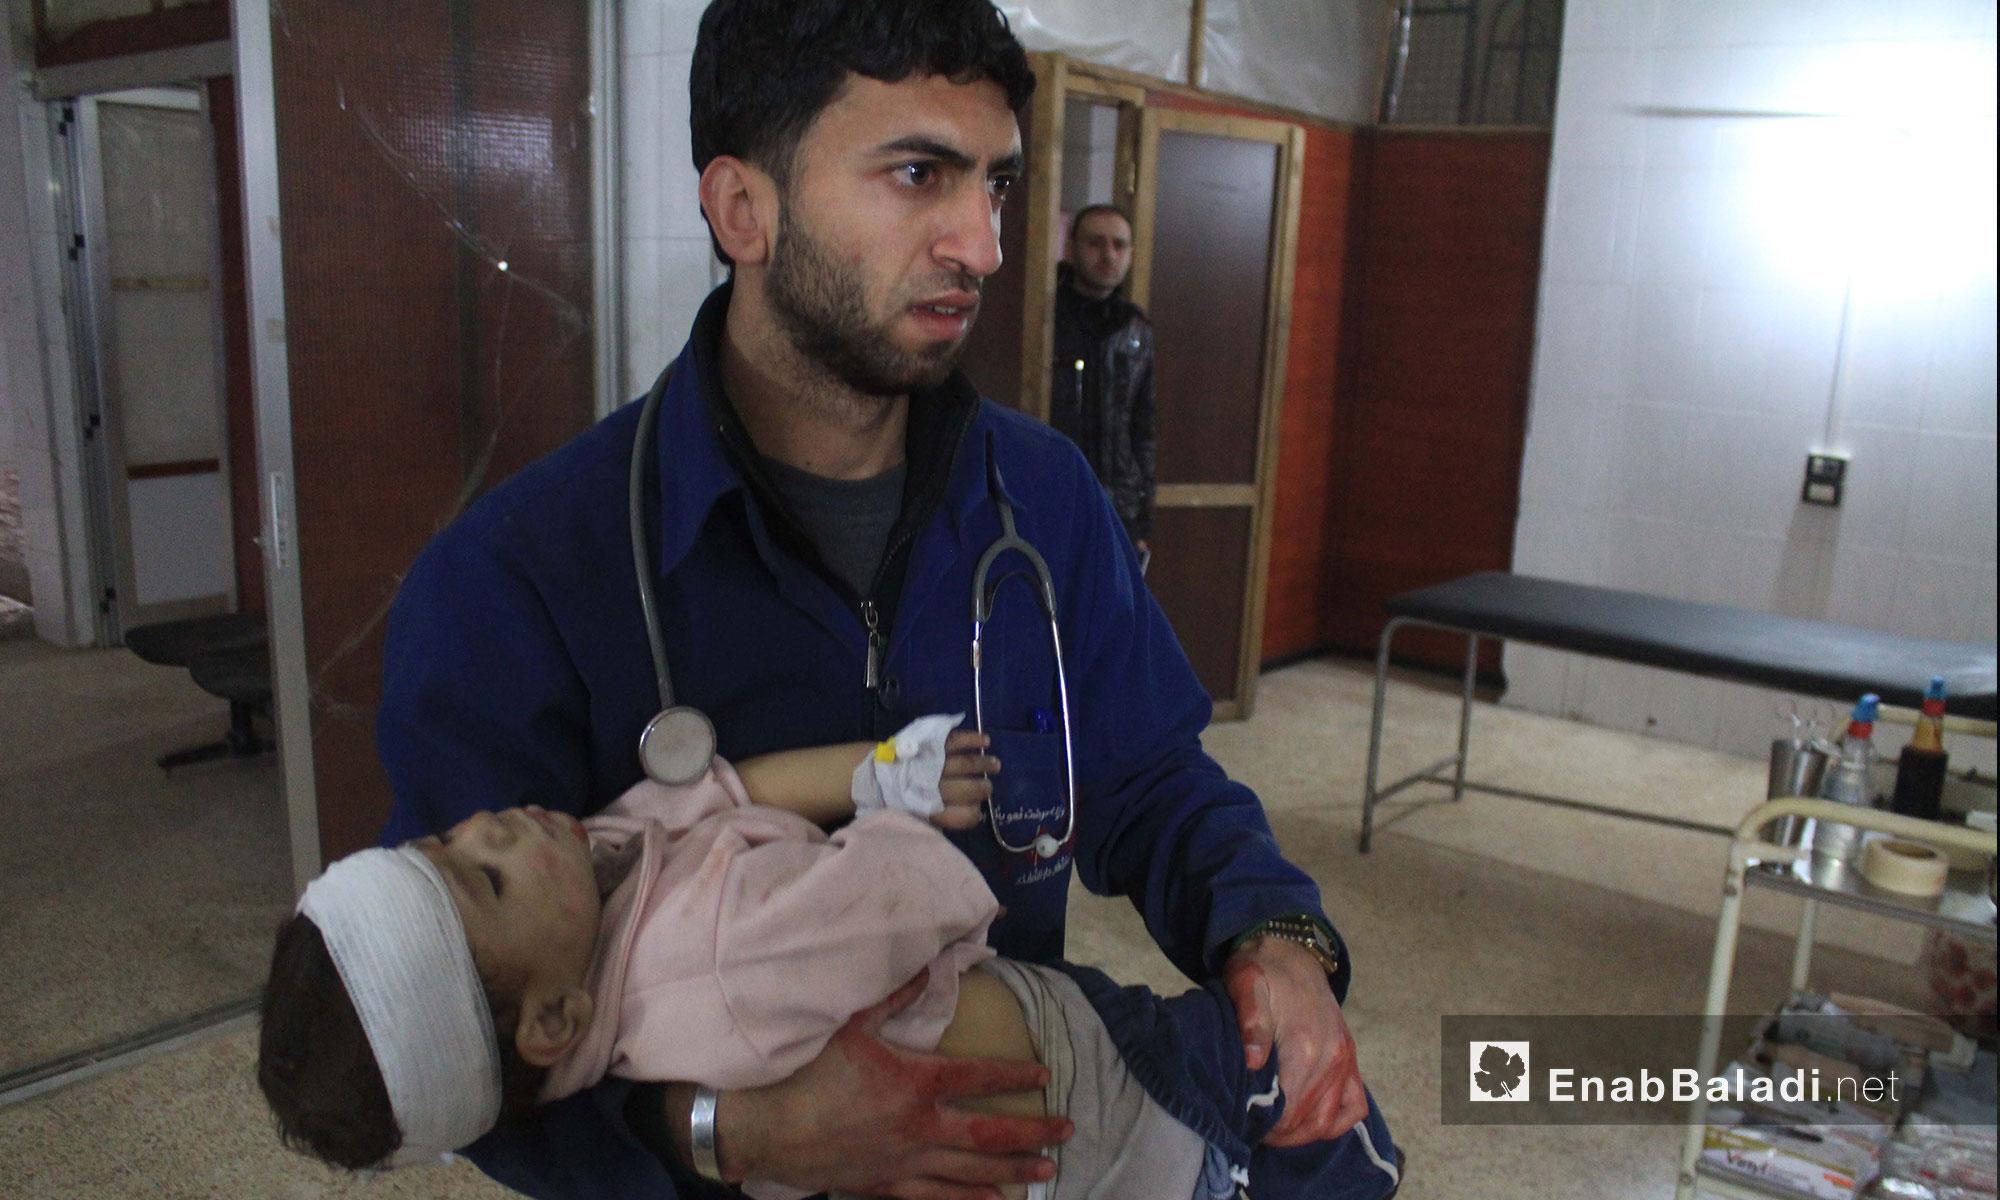 اسعاف طفلة في أحد مشافي الغوطة الشرقية - 21 شباط 2018 (عنب بلدي)